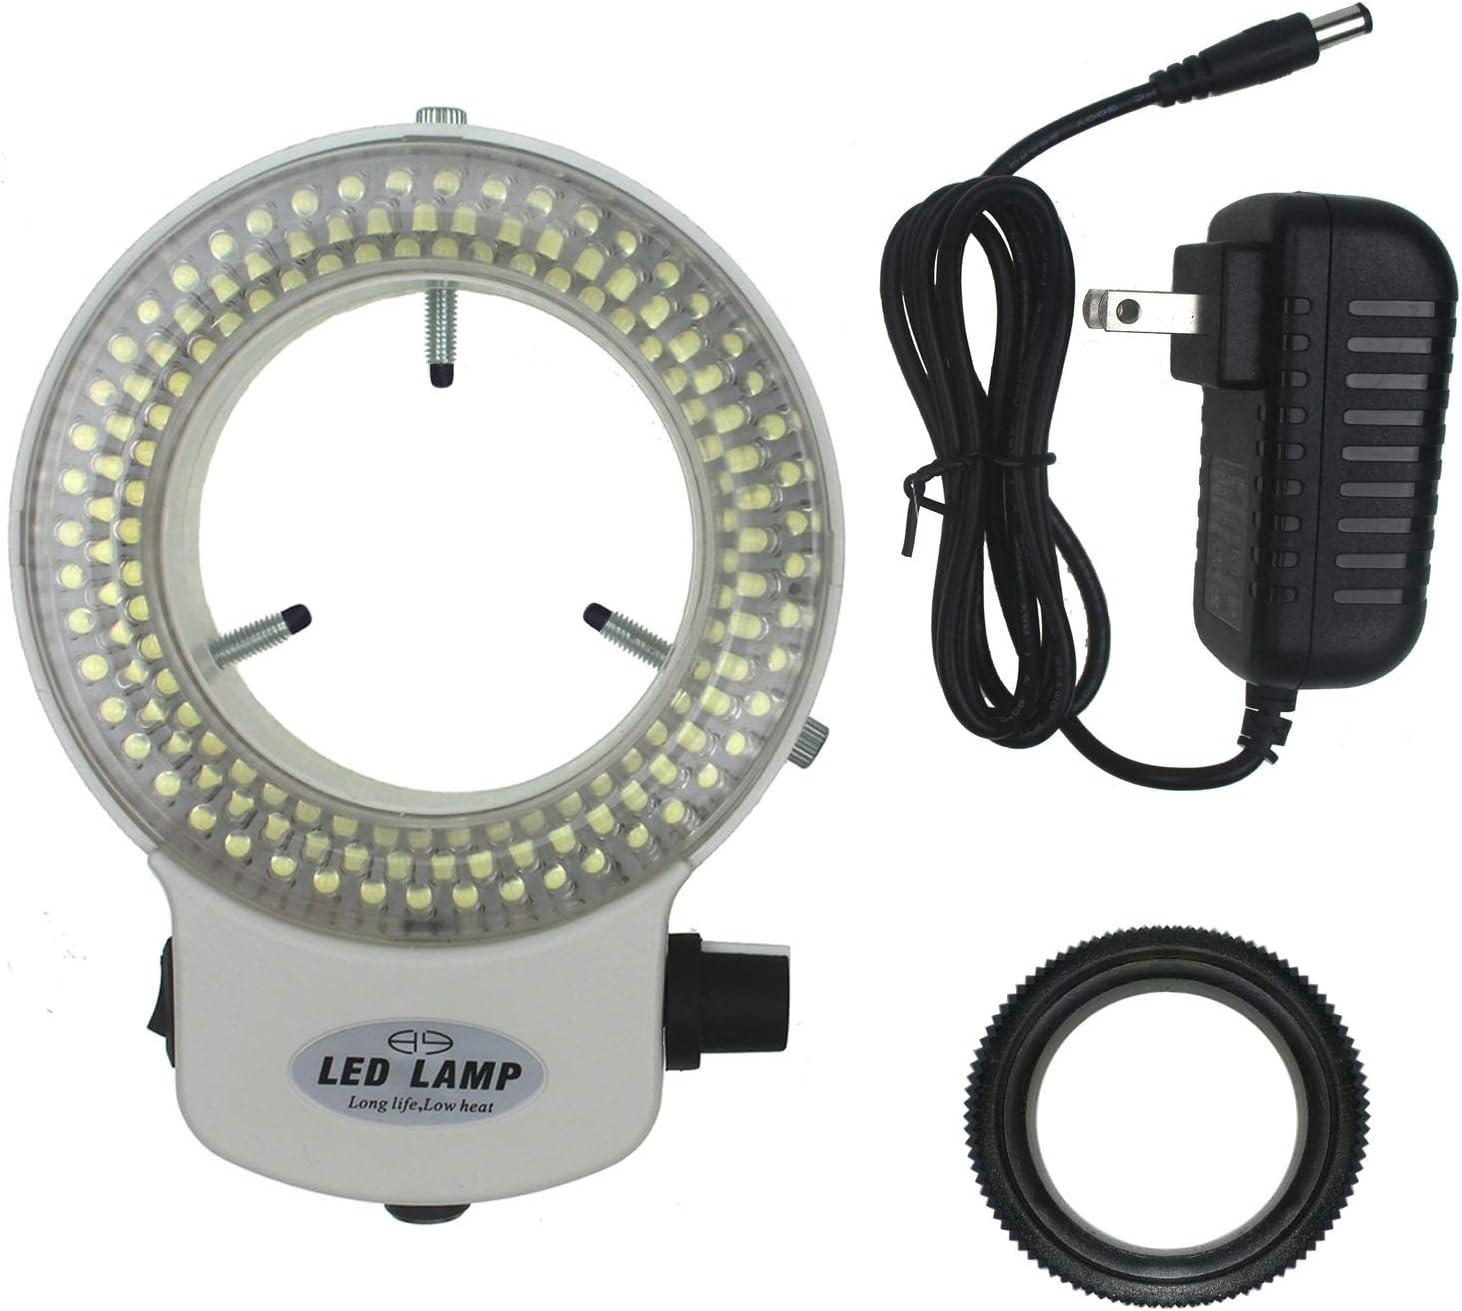 White White Adjustable 144 LED Ring Lamp Illuminator for Stereo Microscope /& Camera LED Ring Light